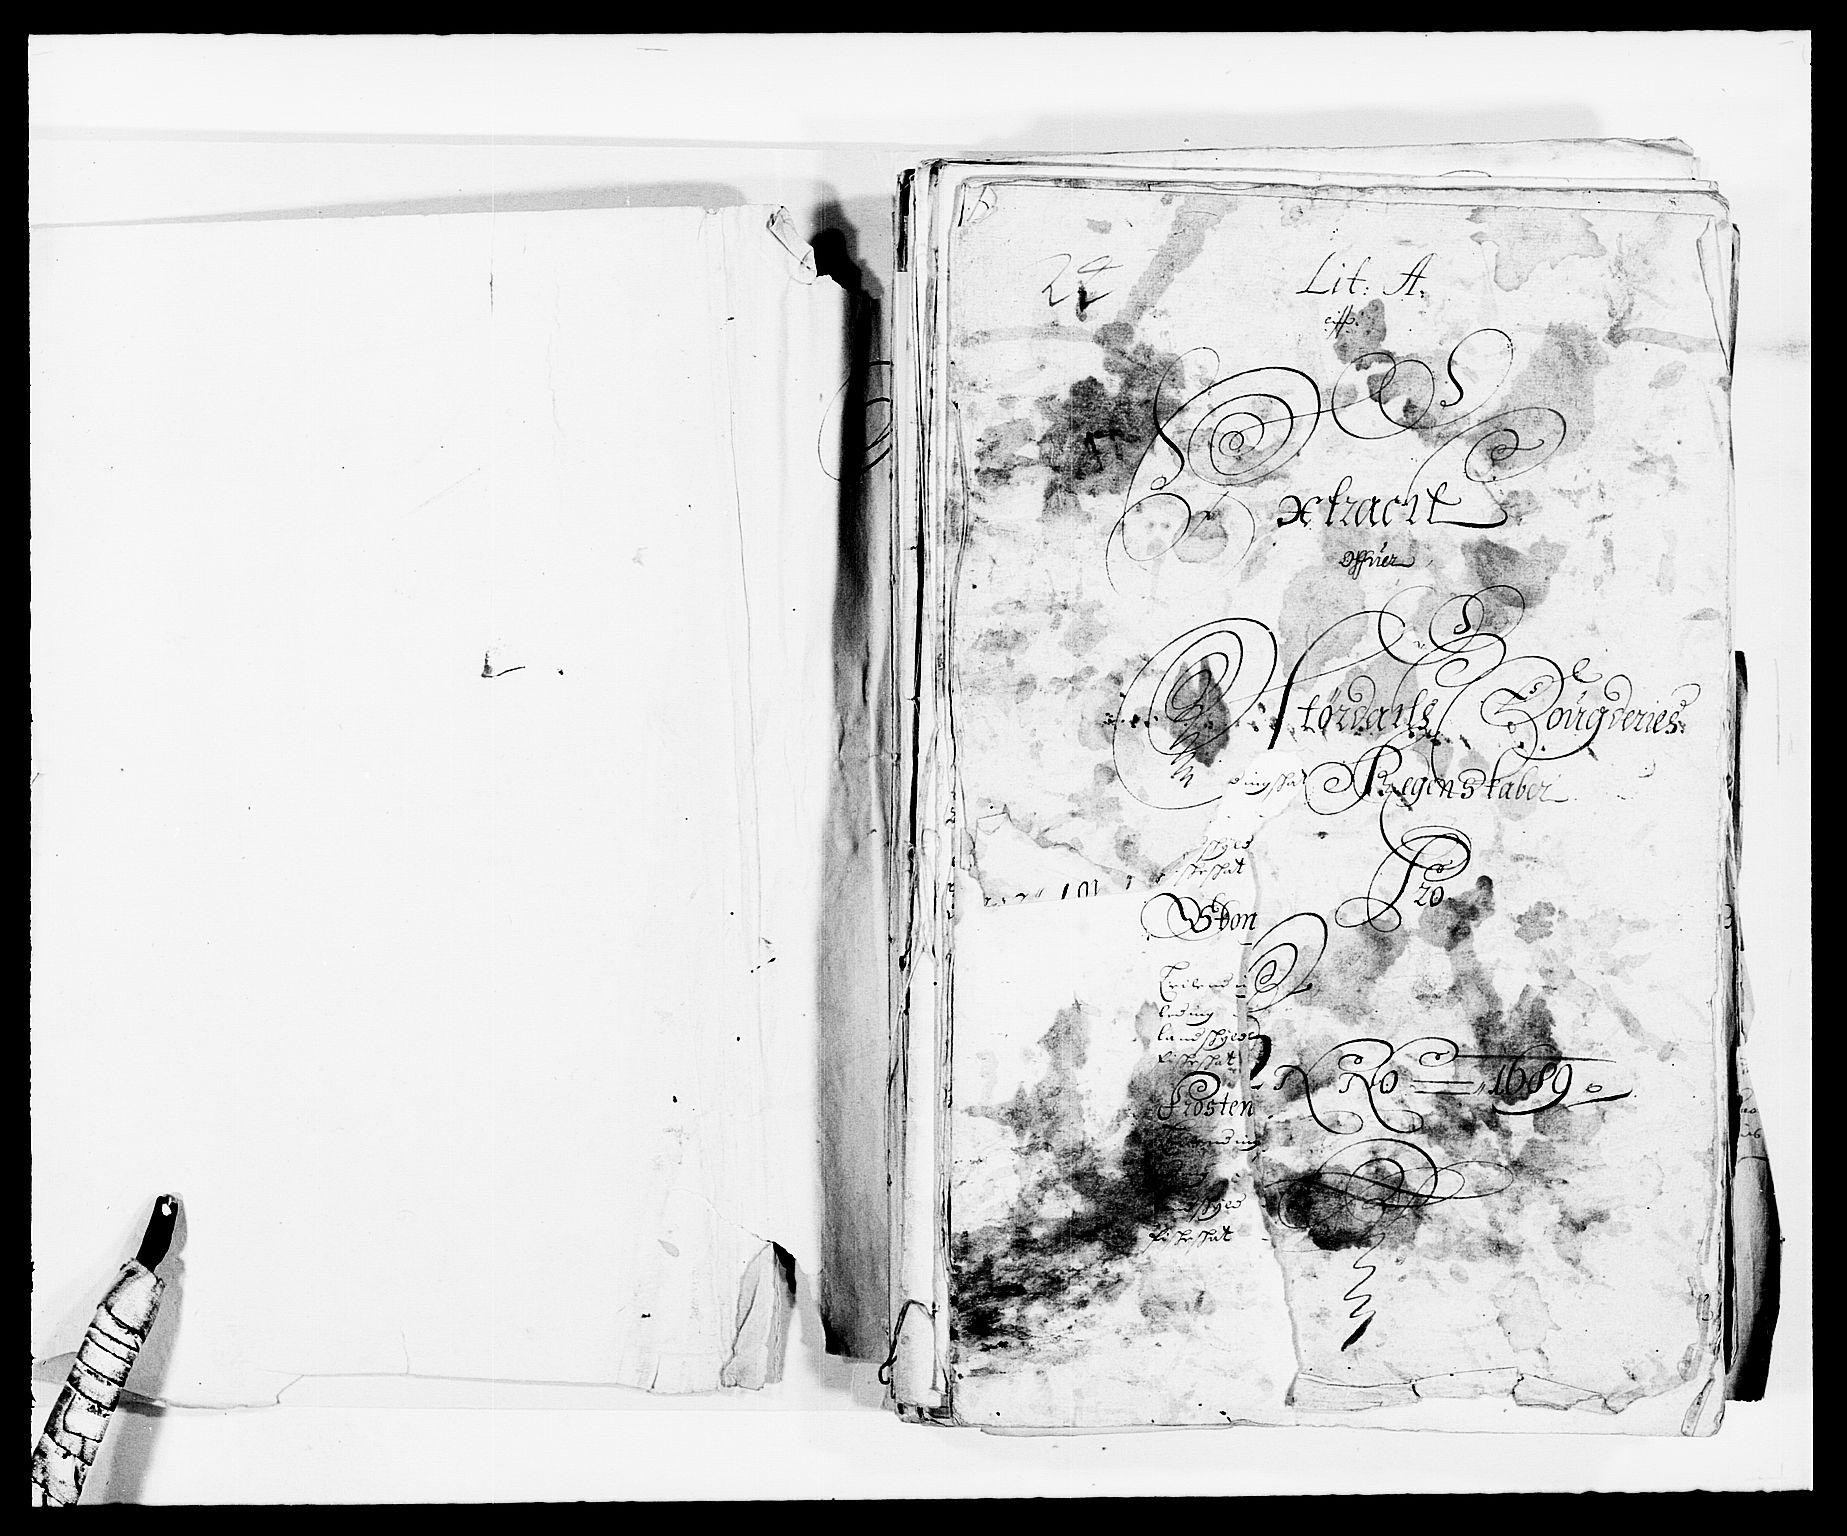 RA, Rentekammeret inntil 1814, Reviderte regnskaper, Fogderegnskap, R62/L4183: Fogderegnskap Stjørdal og Verdal, 1687-1689, s. 301